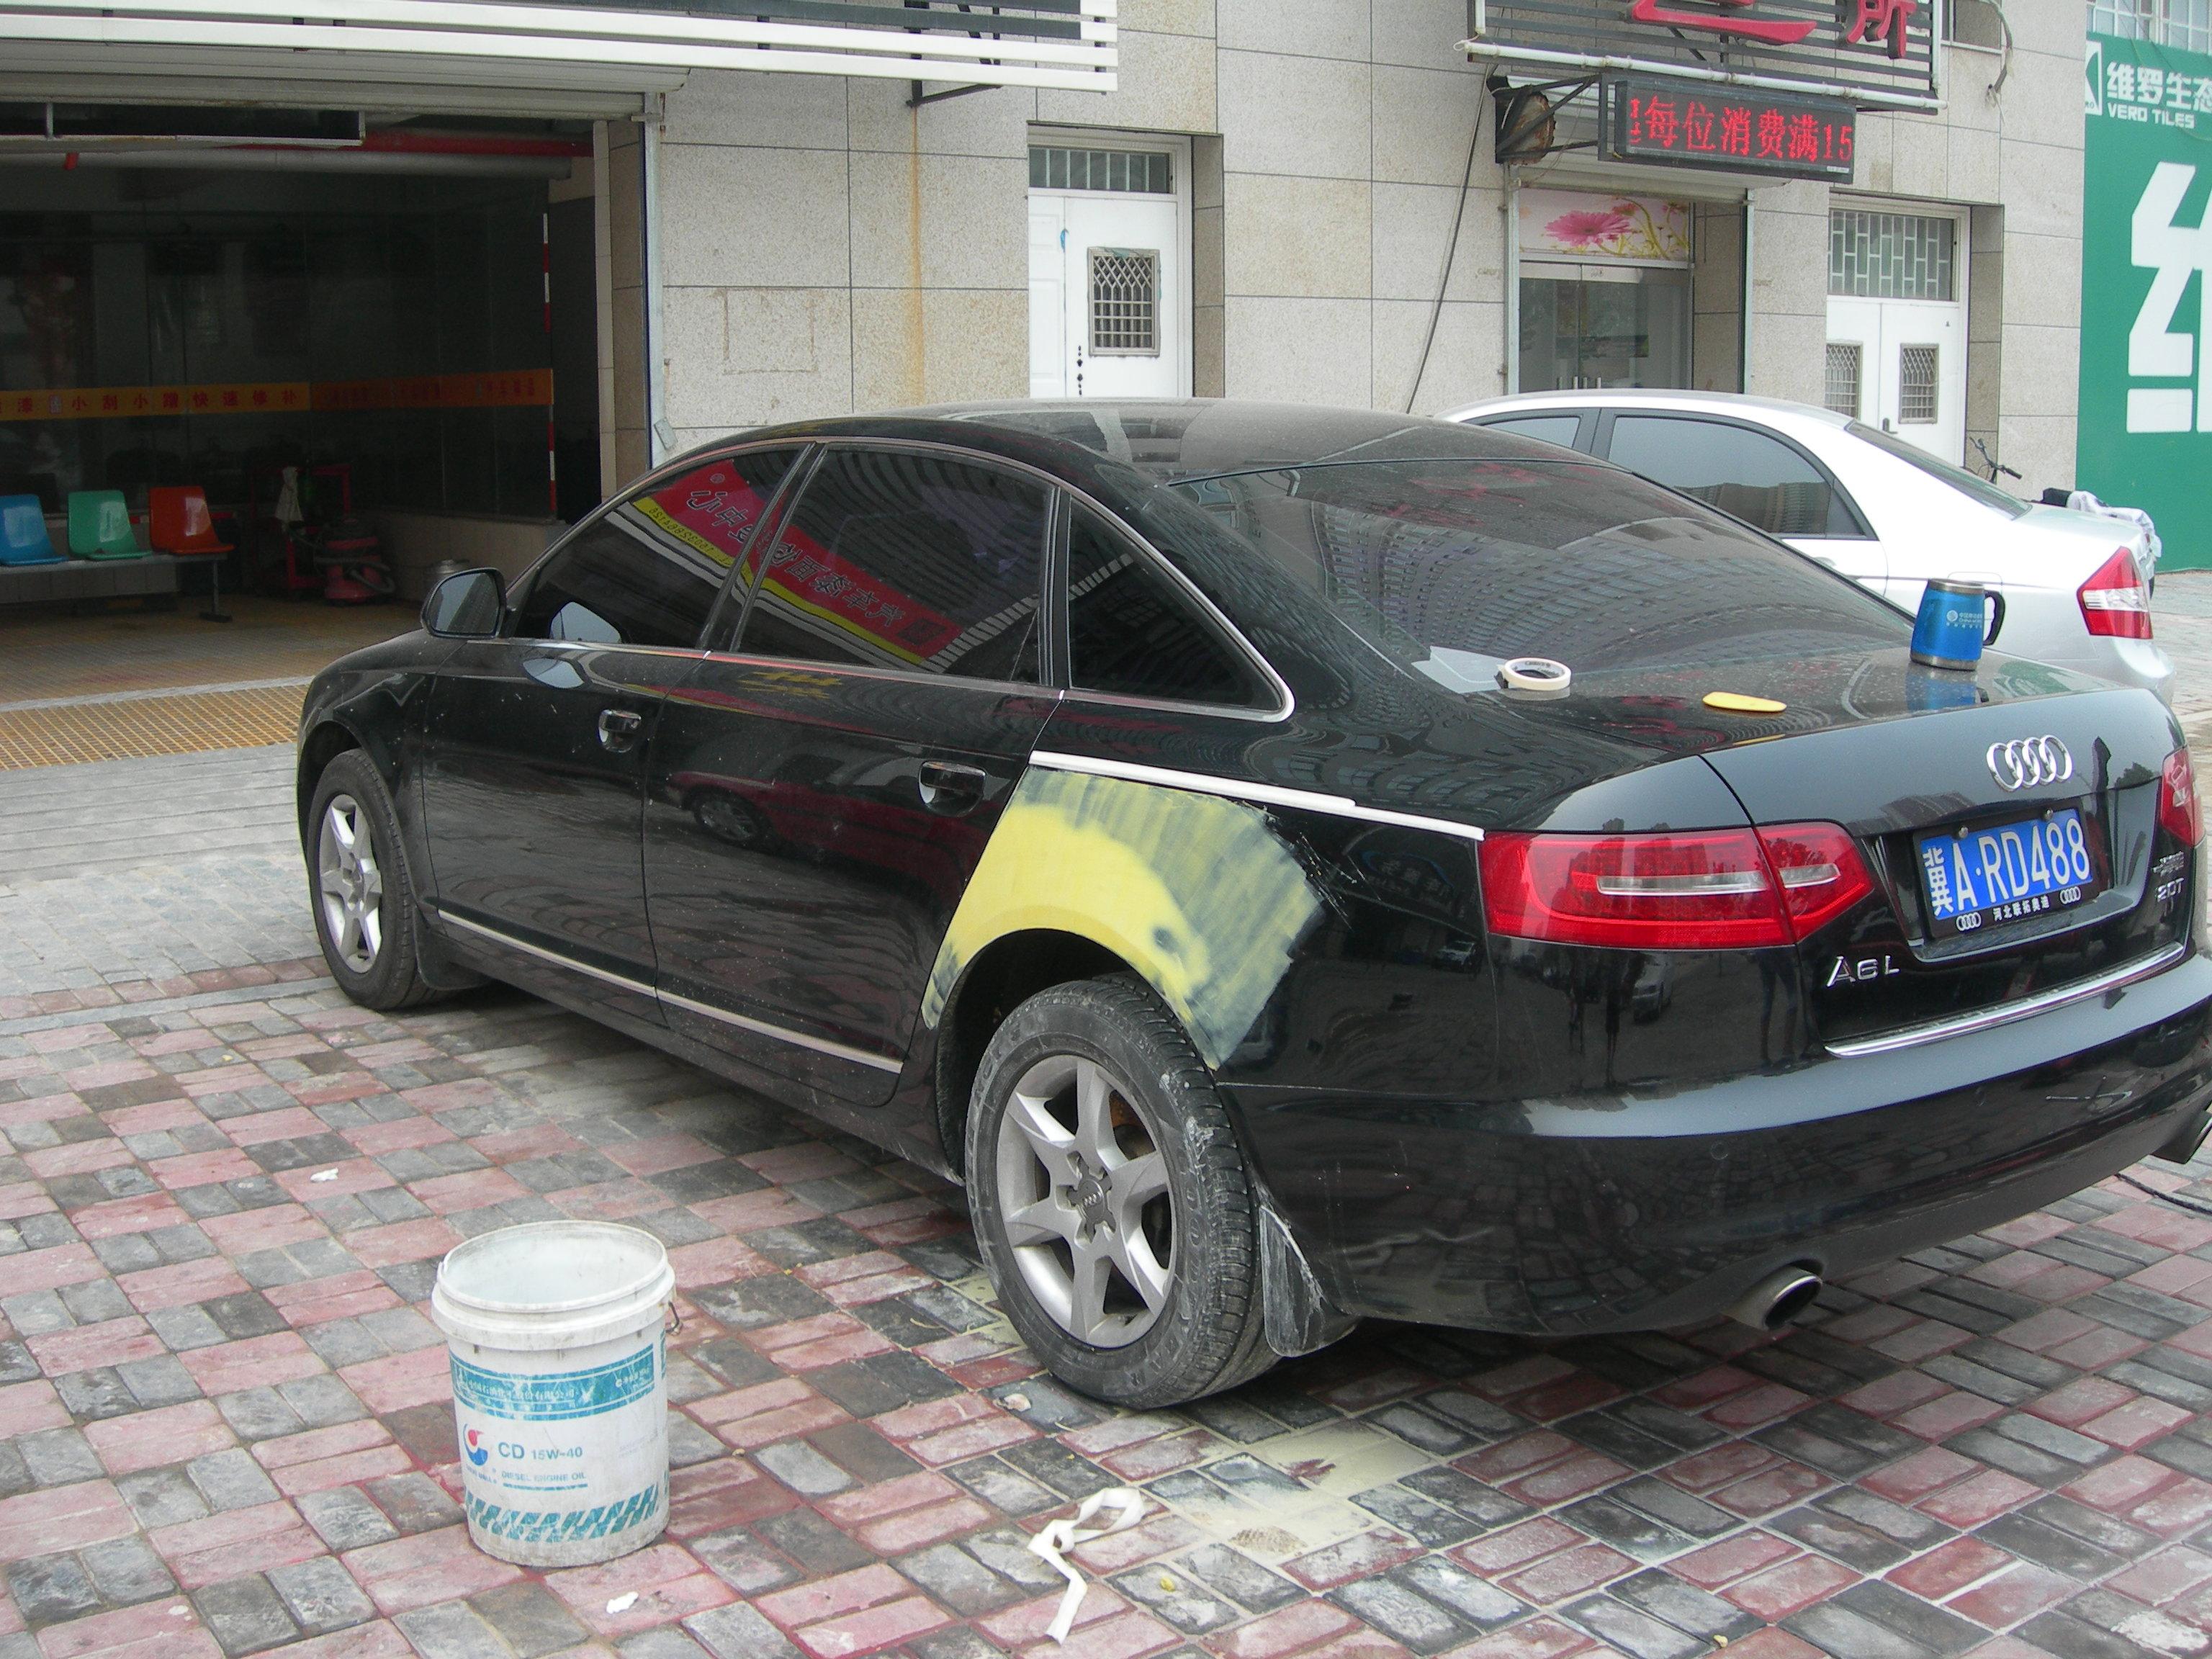 奥迪a6喷漆_爱车关怀_石家庄车友与汽车售后服务商的